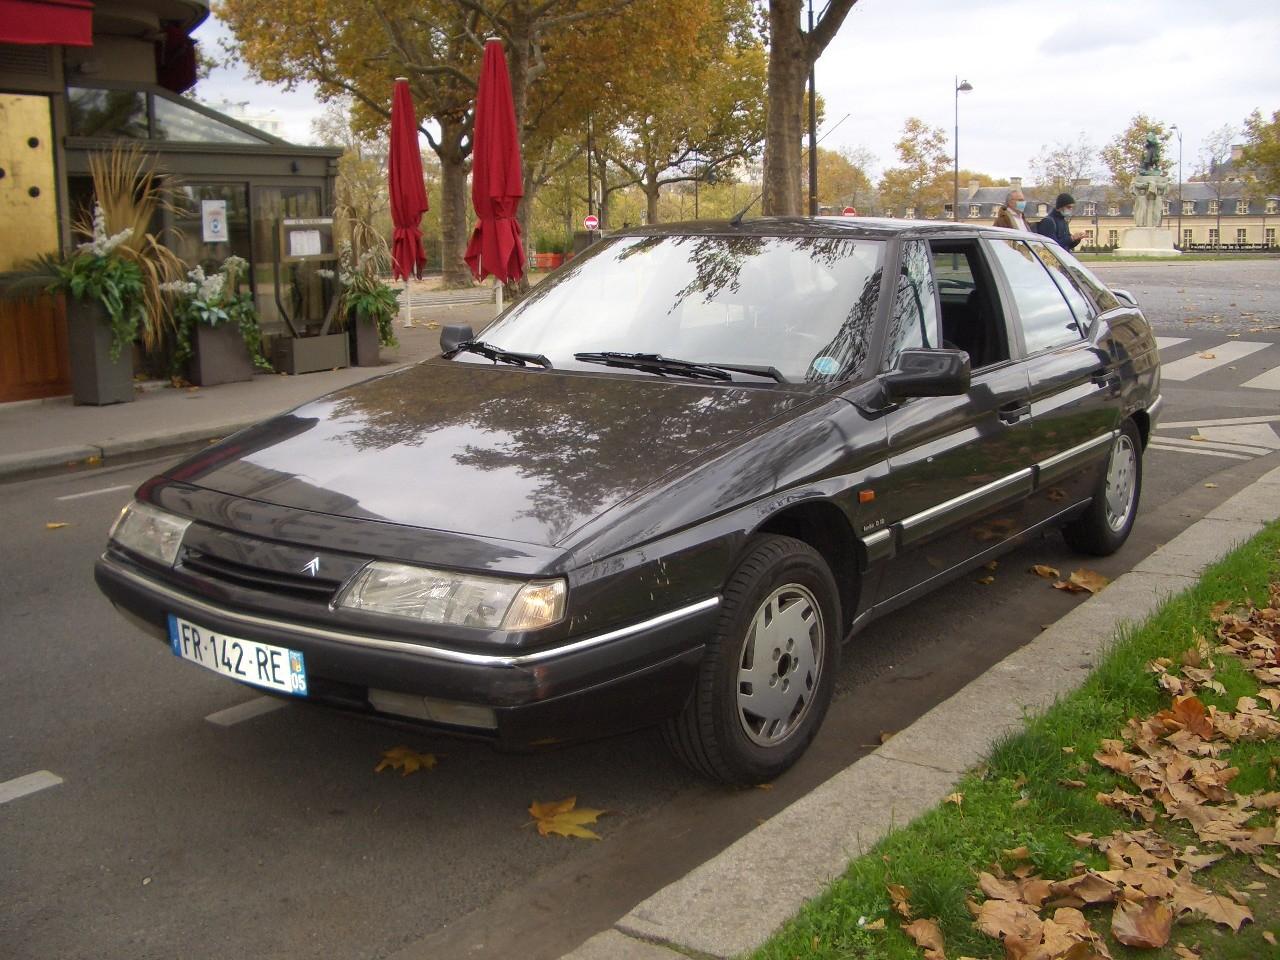 1993 Citroën XM diesel 2,0l Turbo